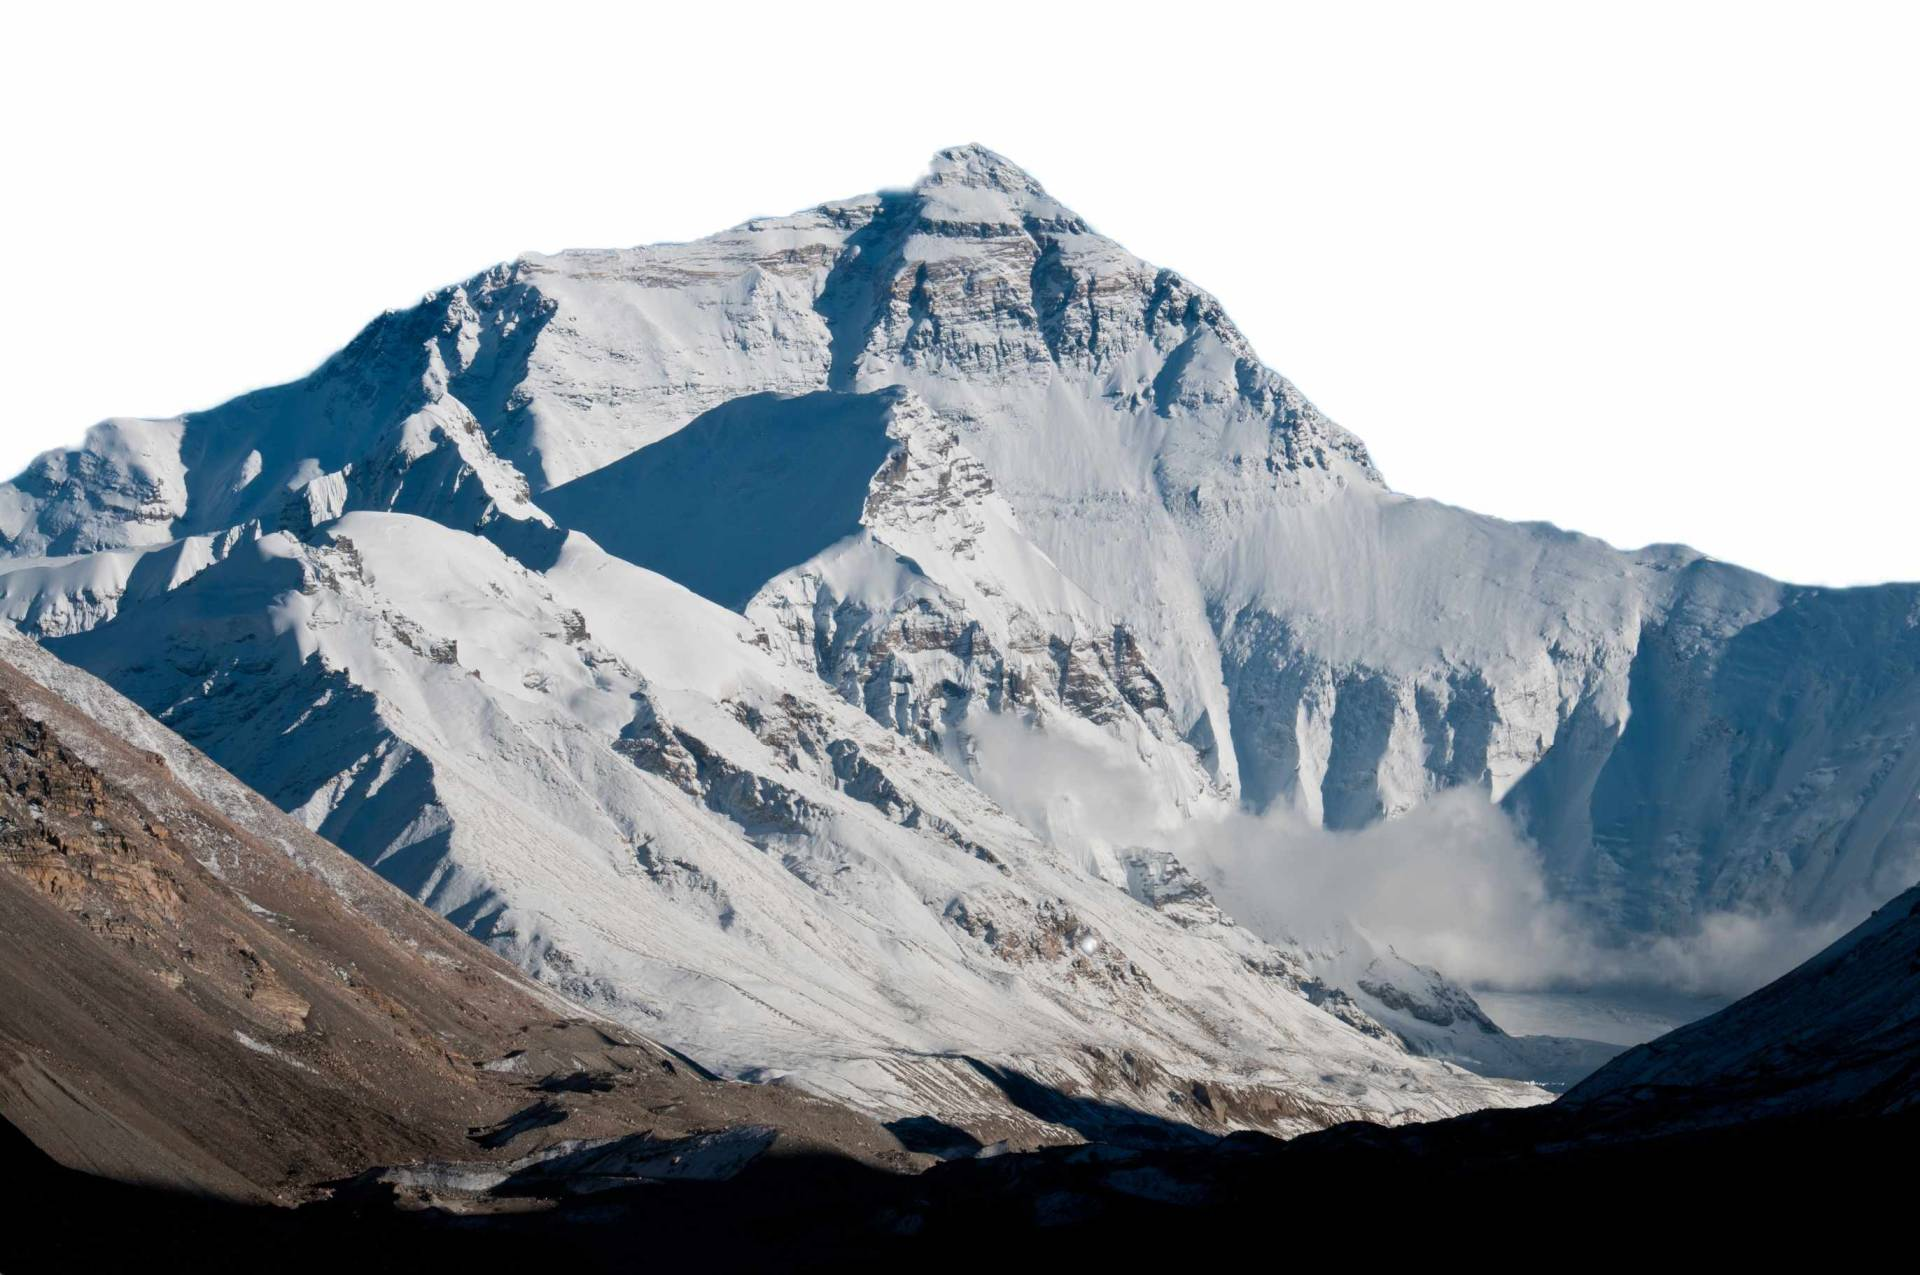 Custom-Travel-Planner-Network-Nepal-Mt-Everest